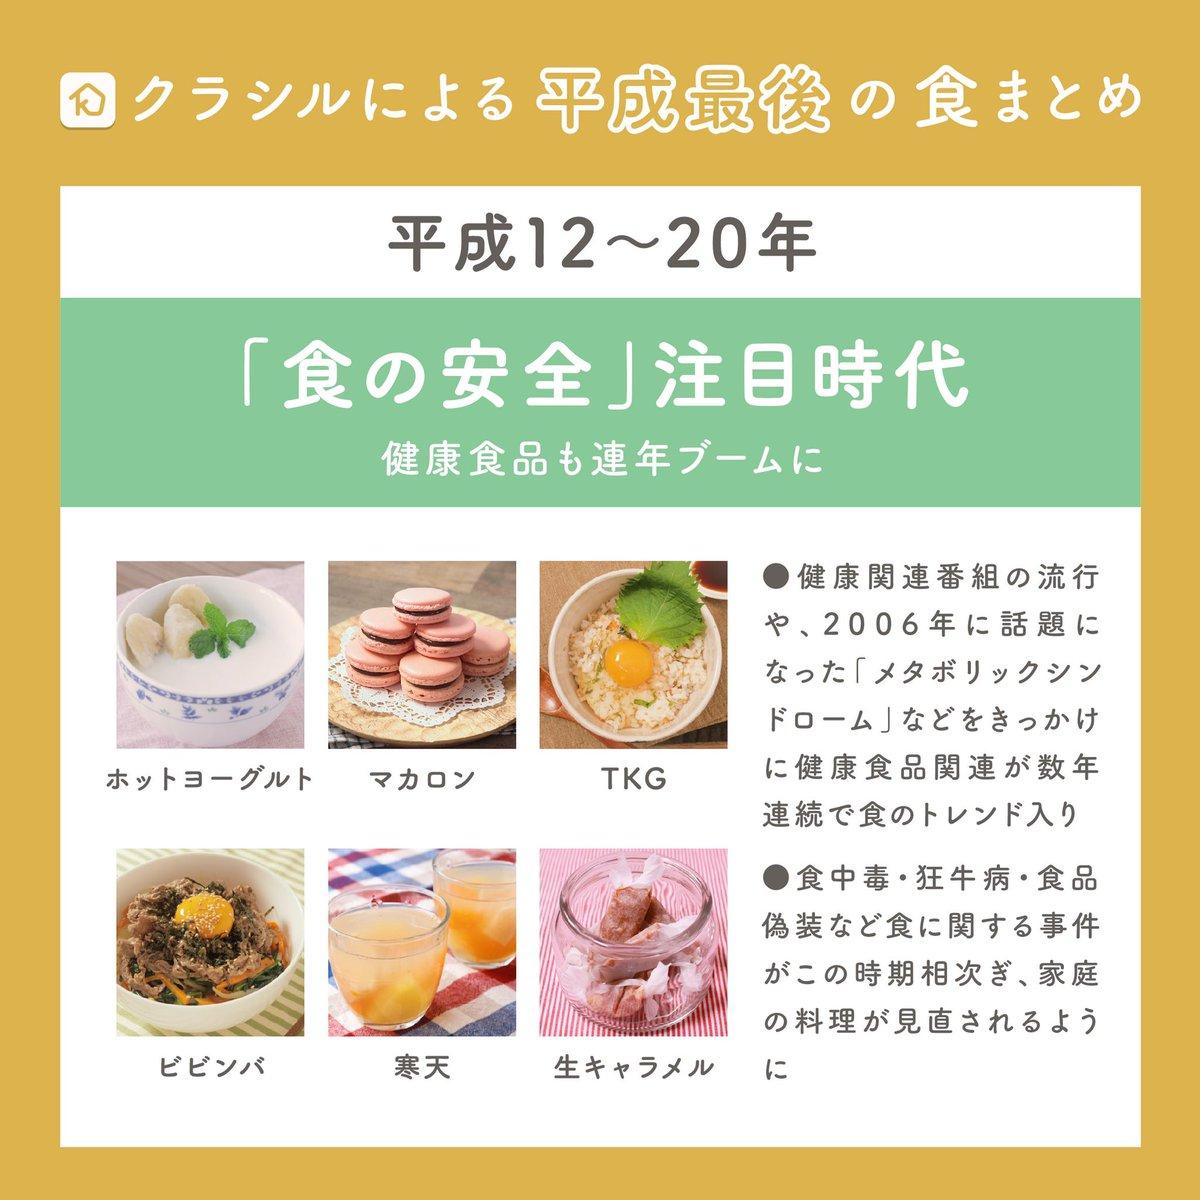 test ツイッターメディア - クラシルが平成の食トレンドを振り返る 「#平成最後 の食まとめ」を発表🎉  ✔︎スイーツ戦国時代 ✔︎食の安全注目時代 ✔︎フォトジェニック飯駆け出し時代 ✔︎インスタ映え料理の時代  あなたの思い出に残っている食べ物・時代はどれですか?  #平成の思い出ごはん  でつぶやいてみてください☺️ https://t.co/SttUwg56Q0